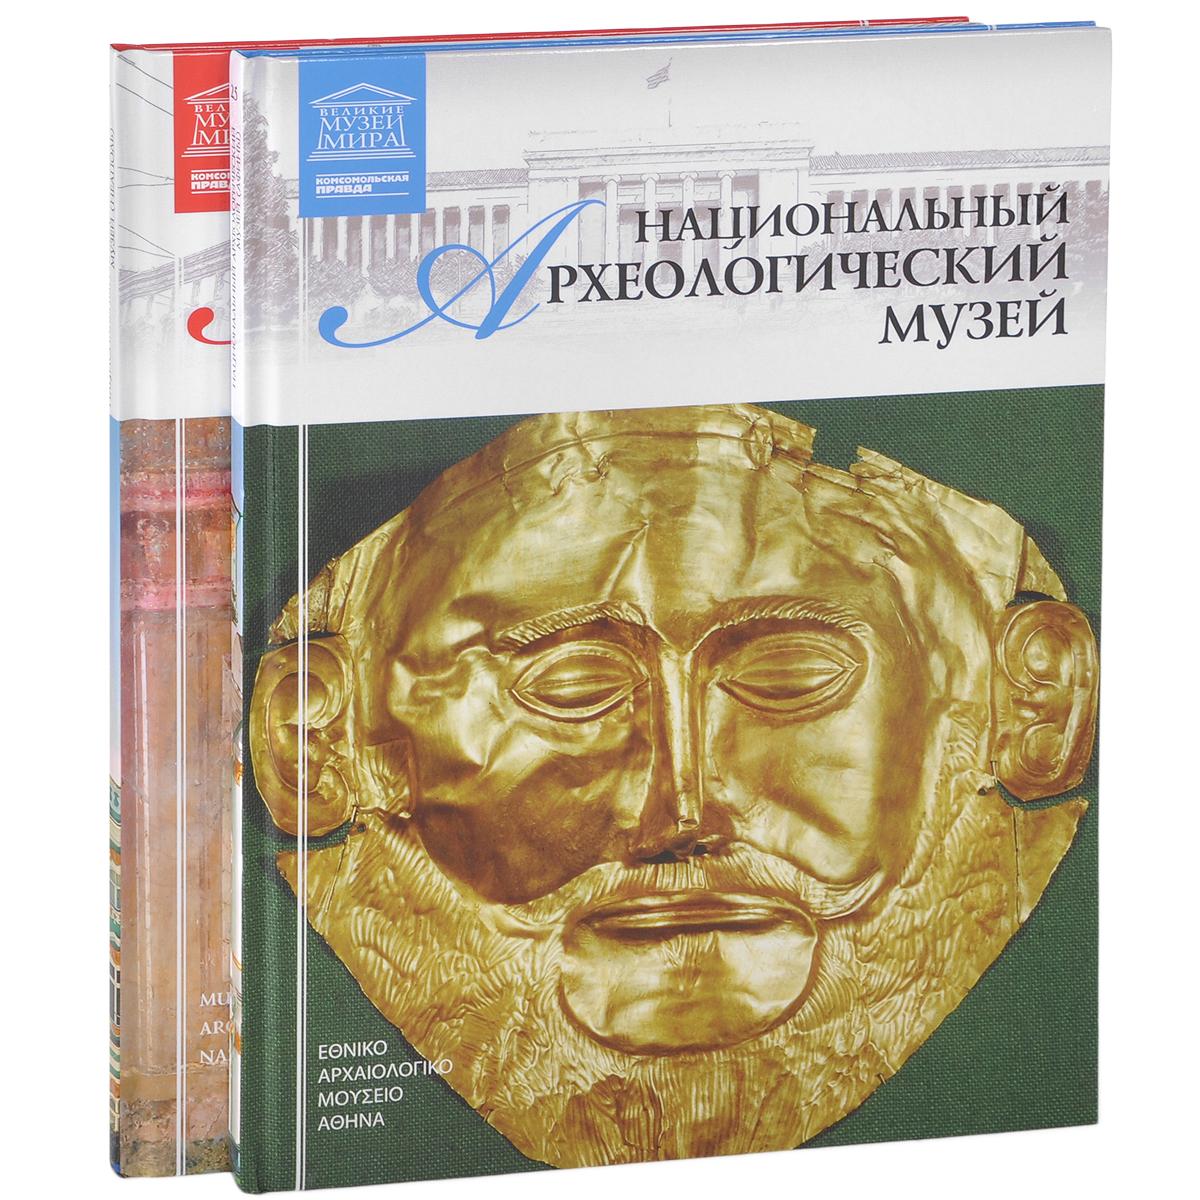 Д. Перова Археологические музеи (комплект из 2 книг) любовный быт пушкинской эпохи комплект из 2 книг